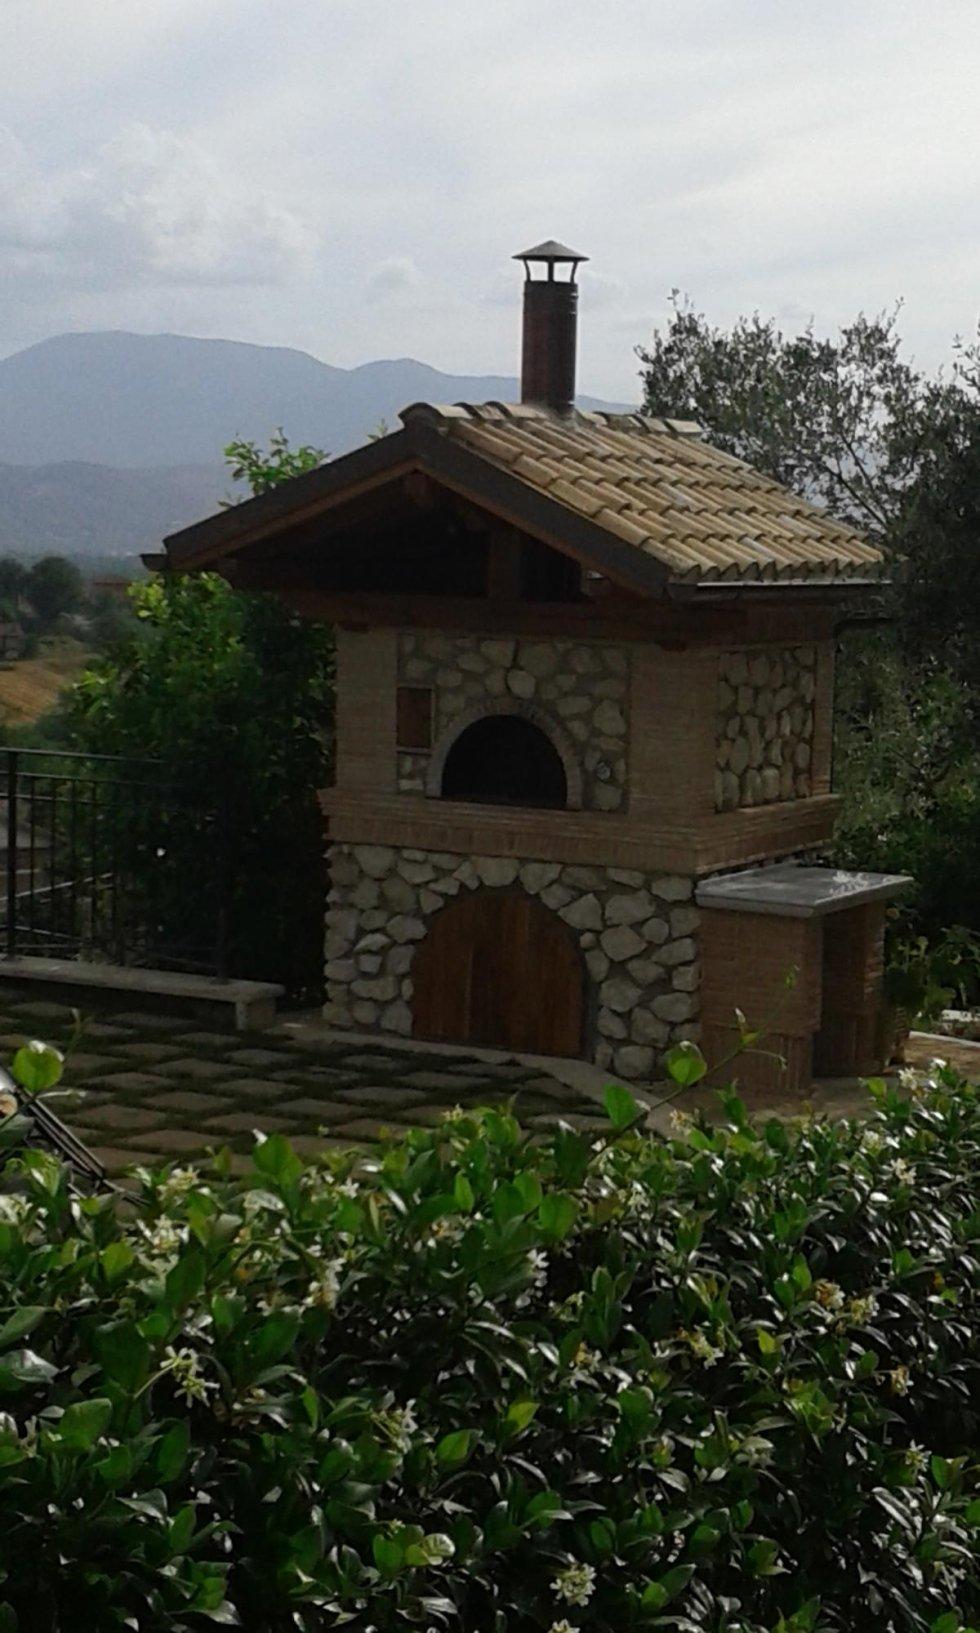 un forno a legna all'esterno e vista delle colline